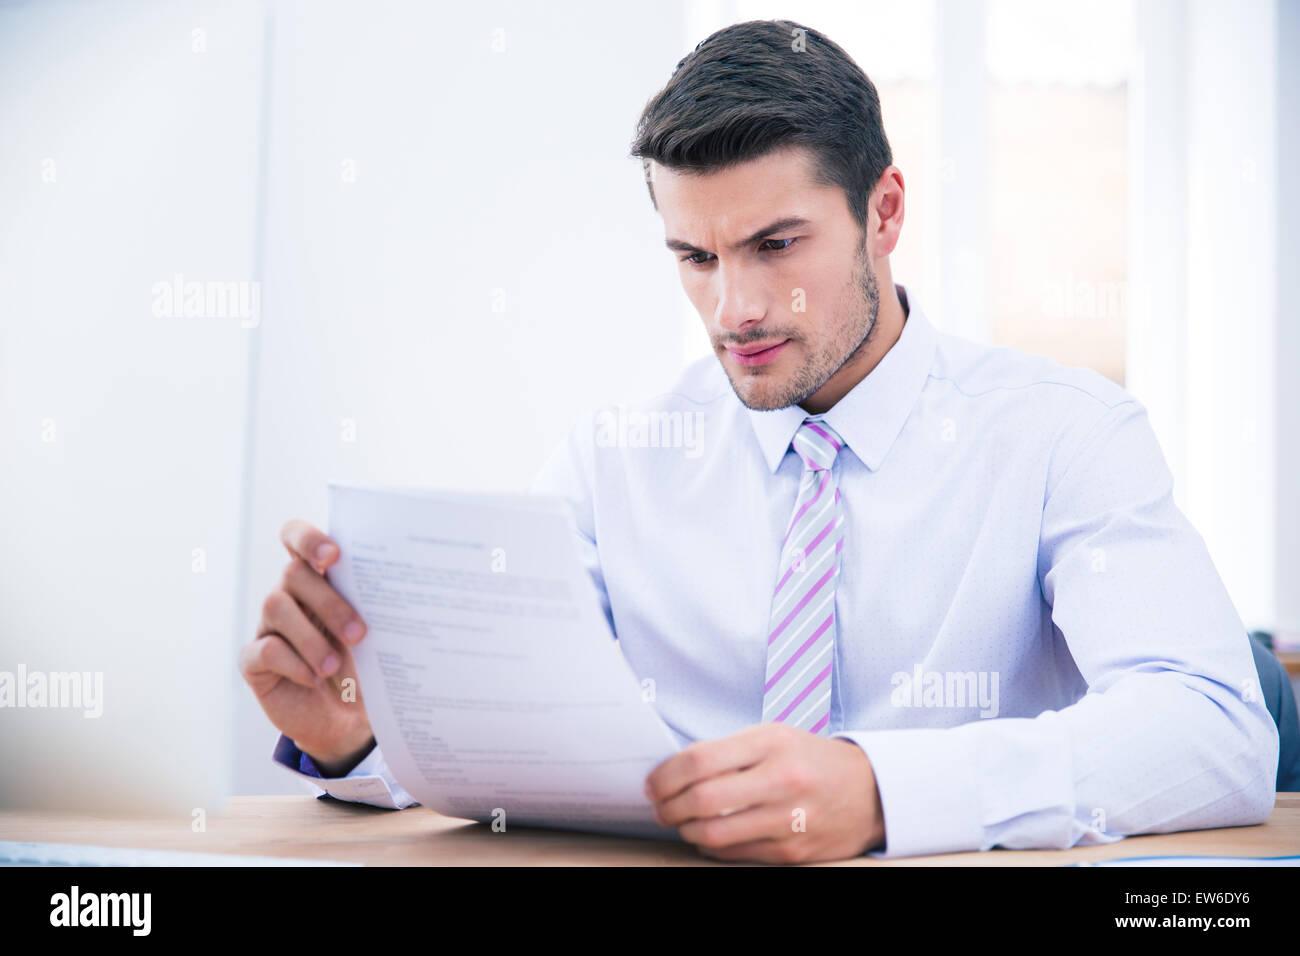 Imprenditore bello sedersi al tavolo di lettura di documenti office Immagini Stock